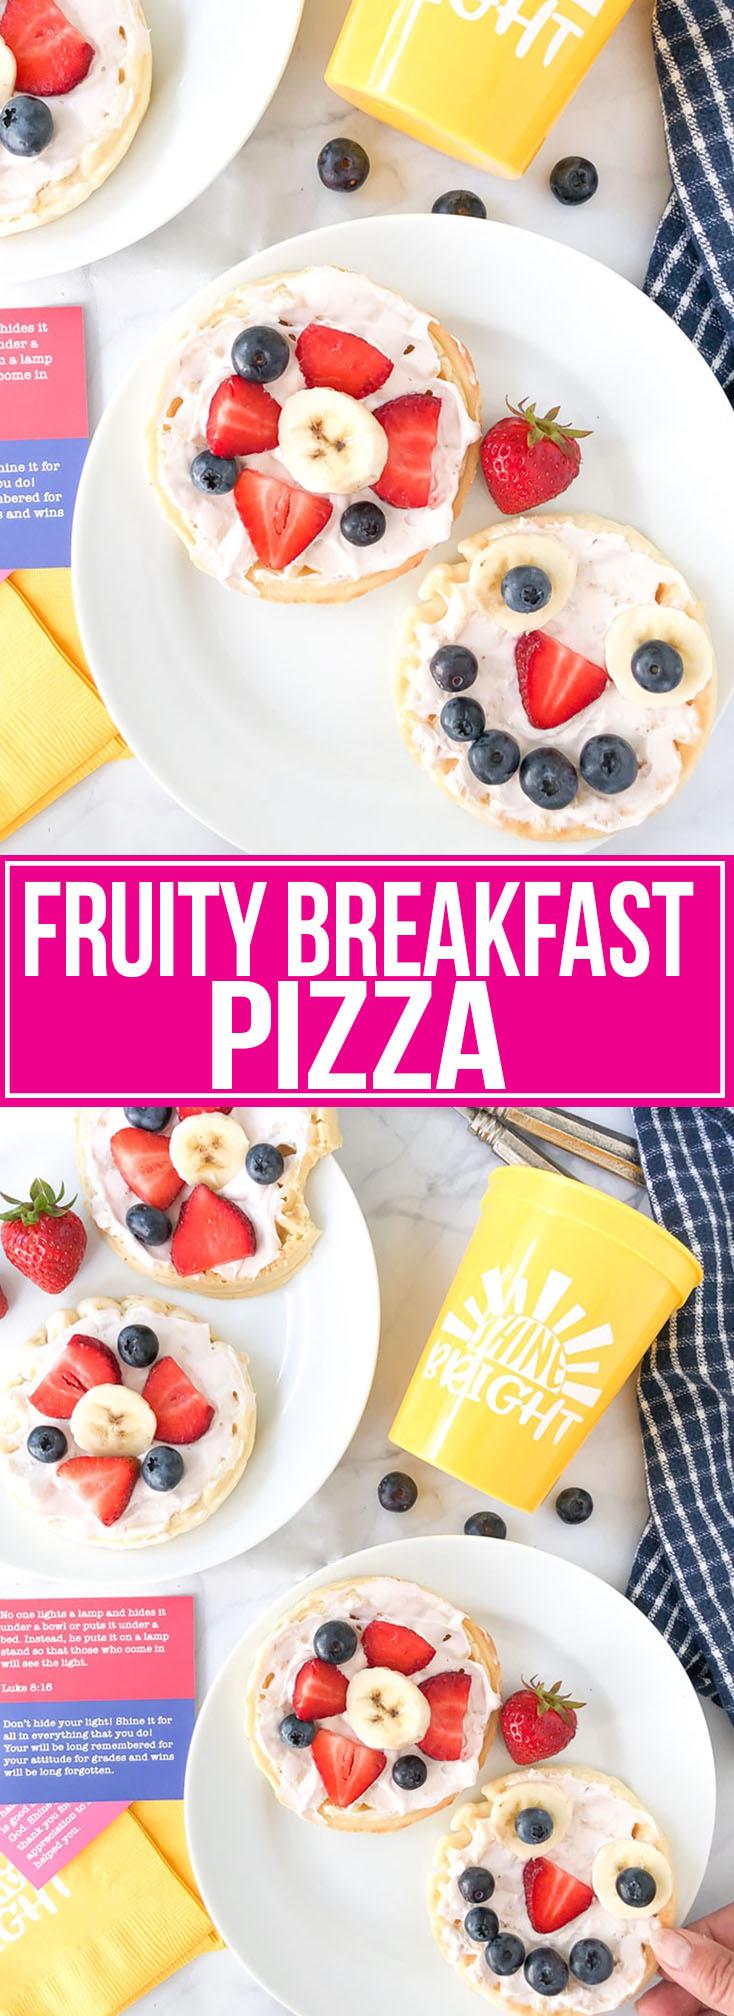 FRUITY BREAKFAST PIZZA